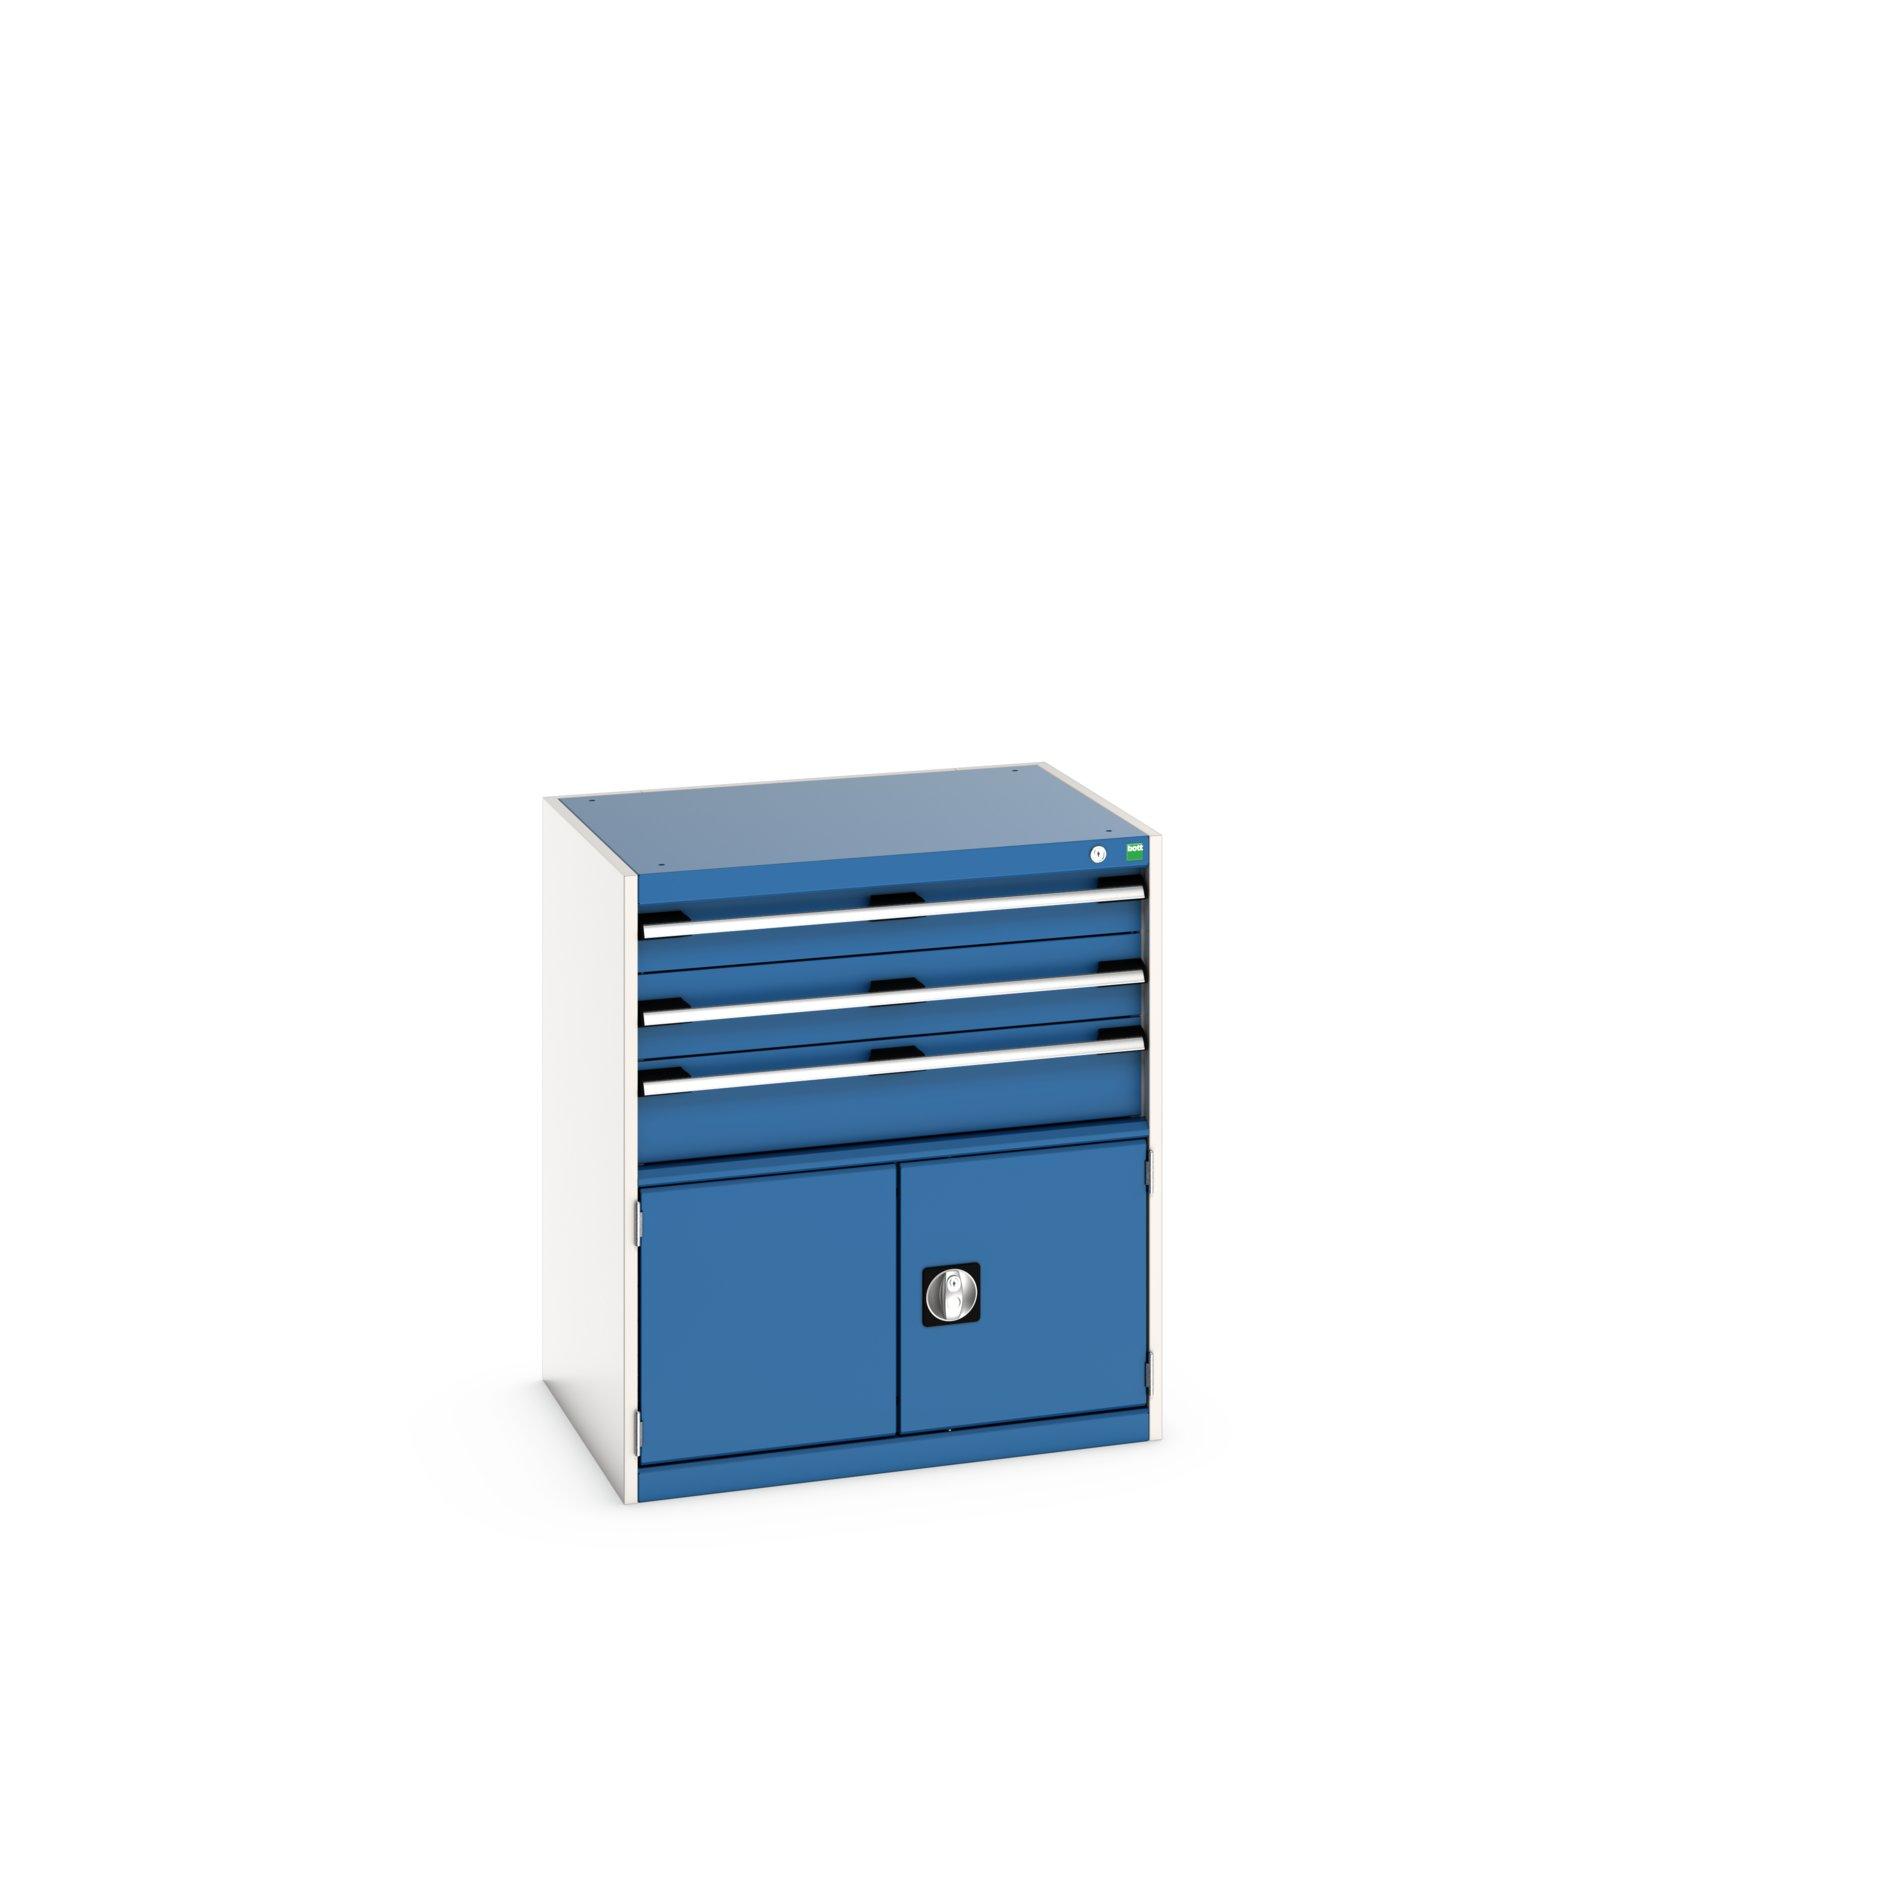 Bott Cubio Drawer-Door Cabinet With 3 Drawers / Cupboard